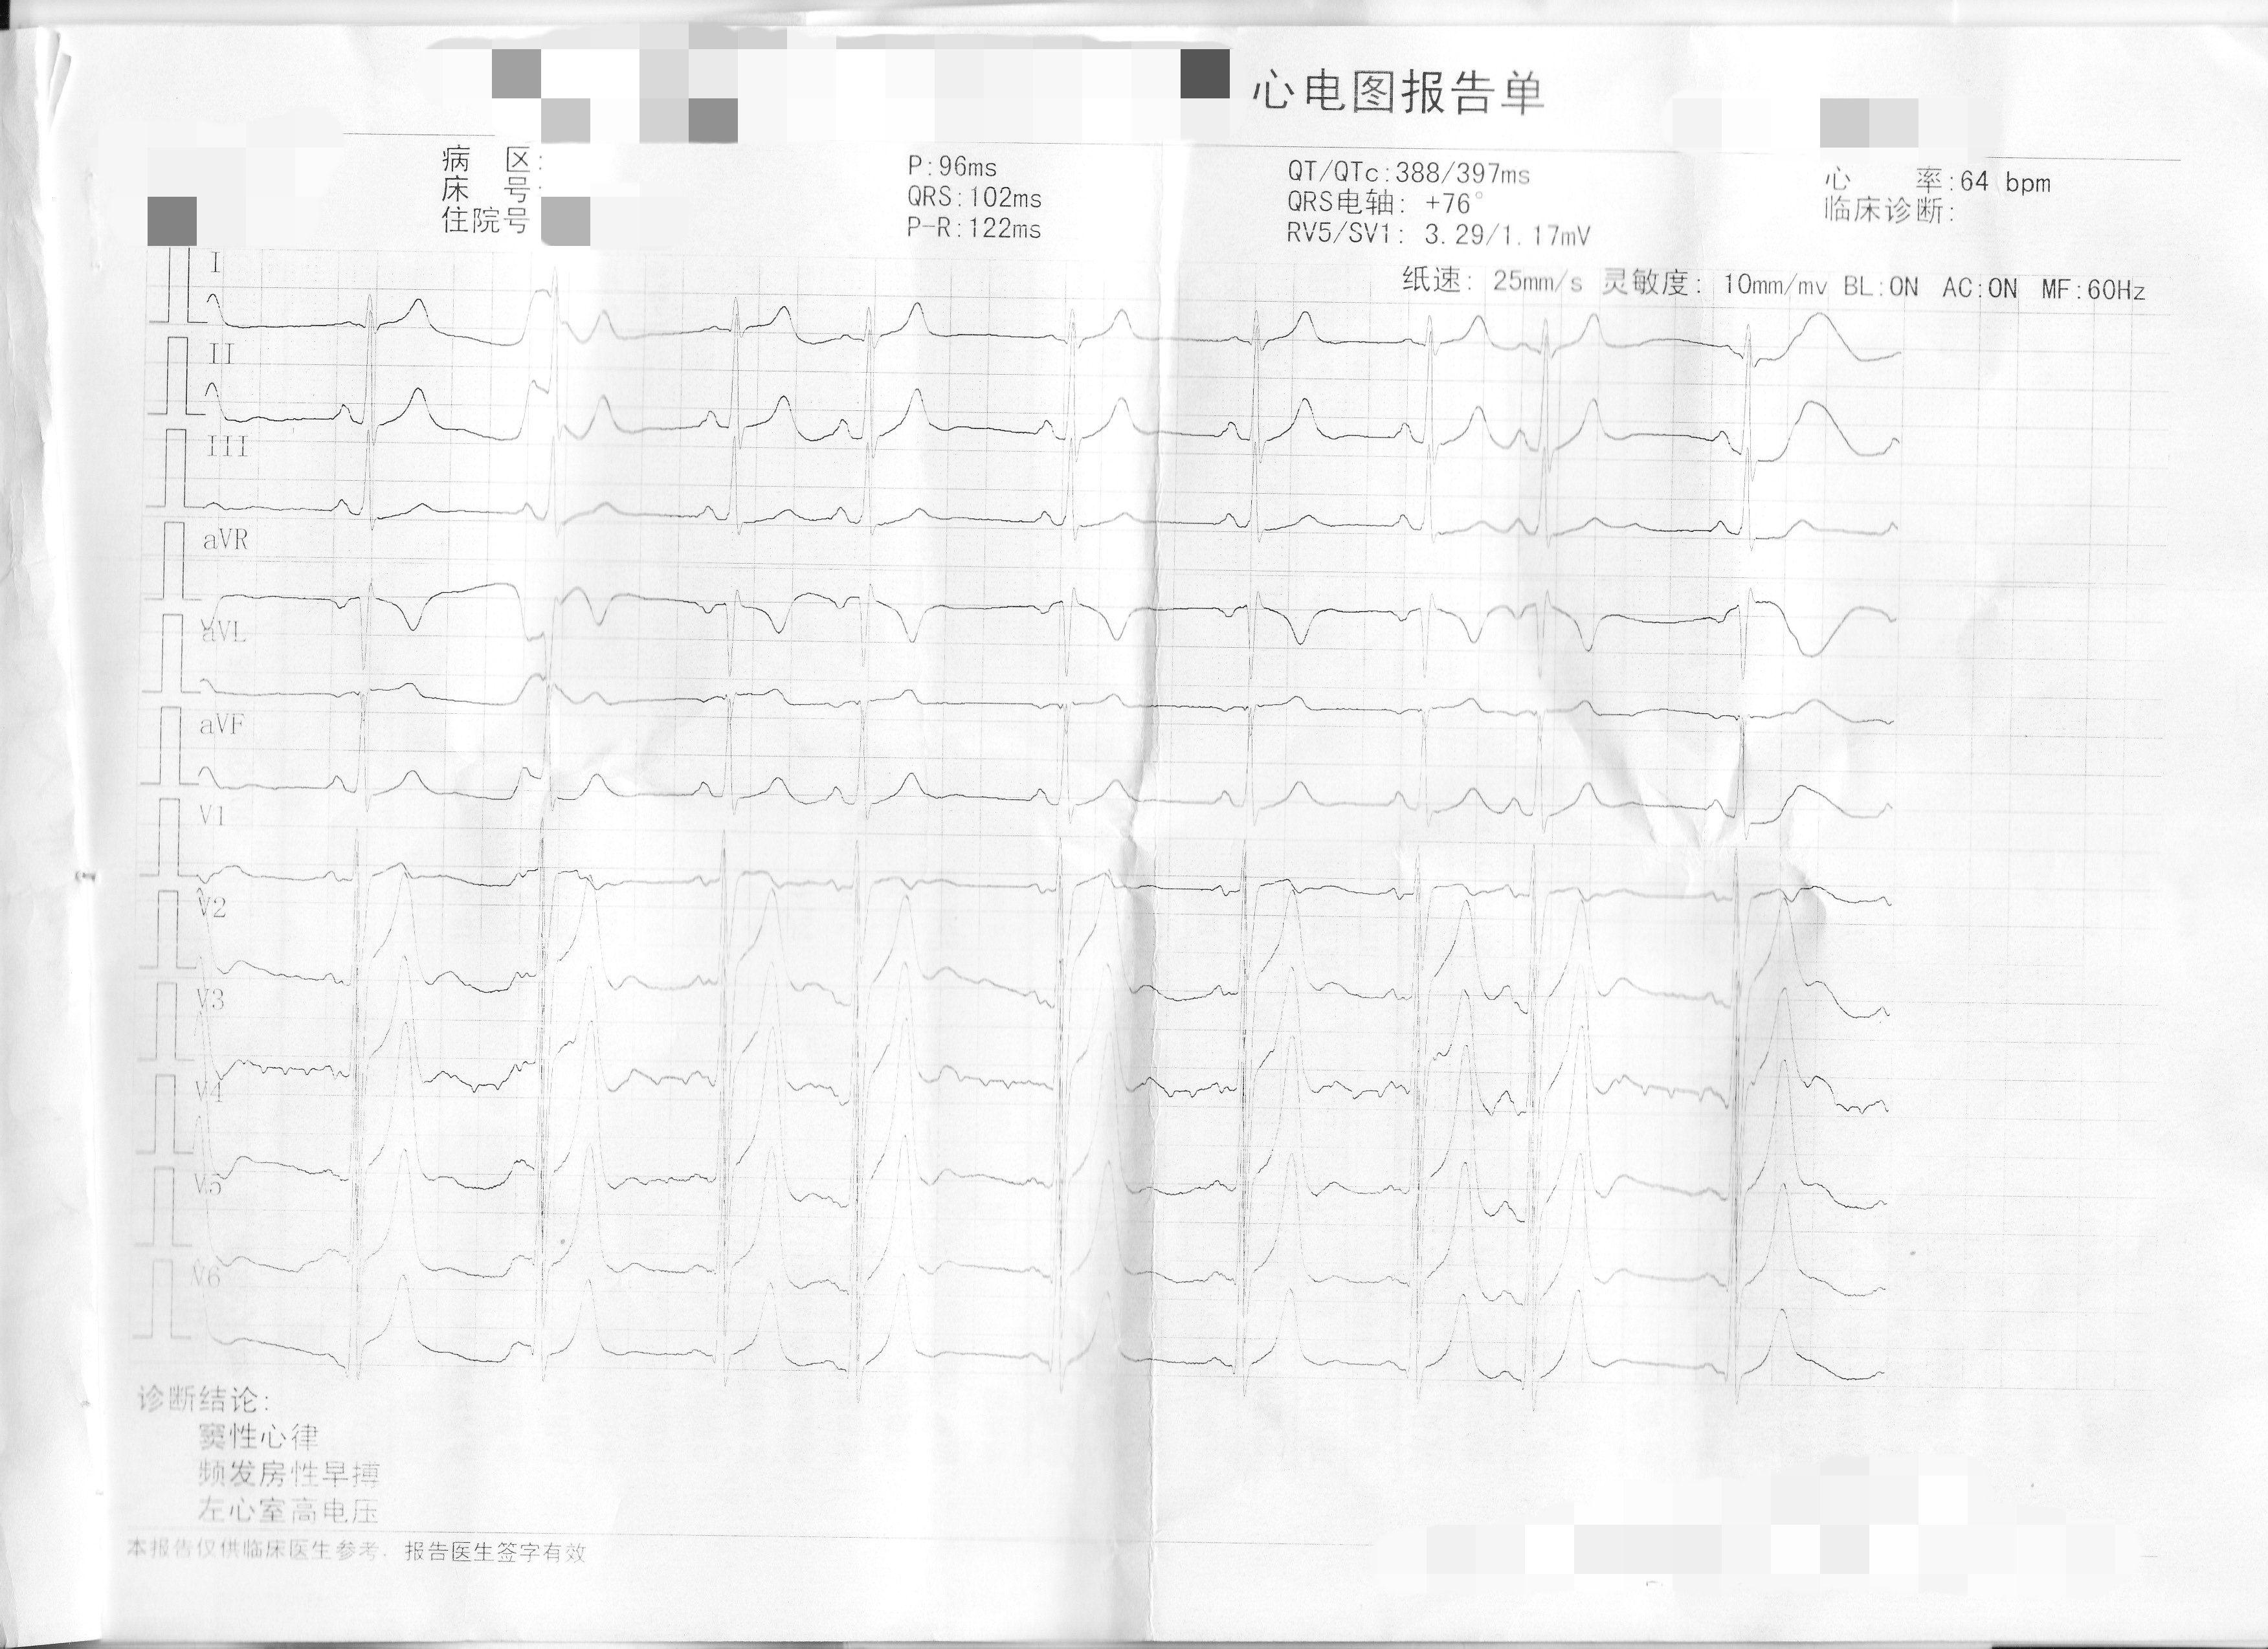 """窦性心律不齐 早搏_公务员预检,心电图报告单上写着""""窦性心律、频发房性早搏 ..."""